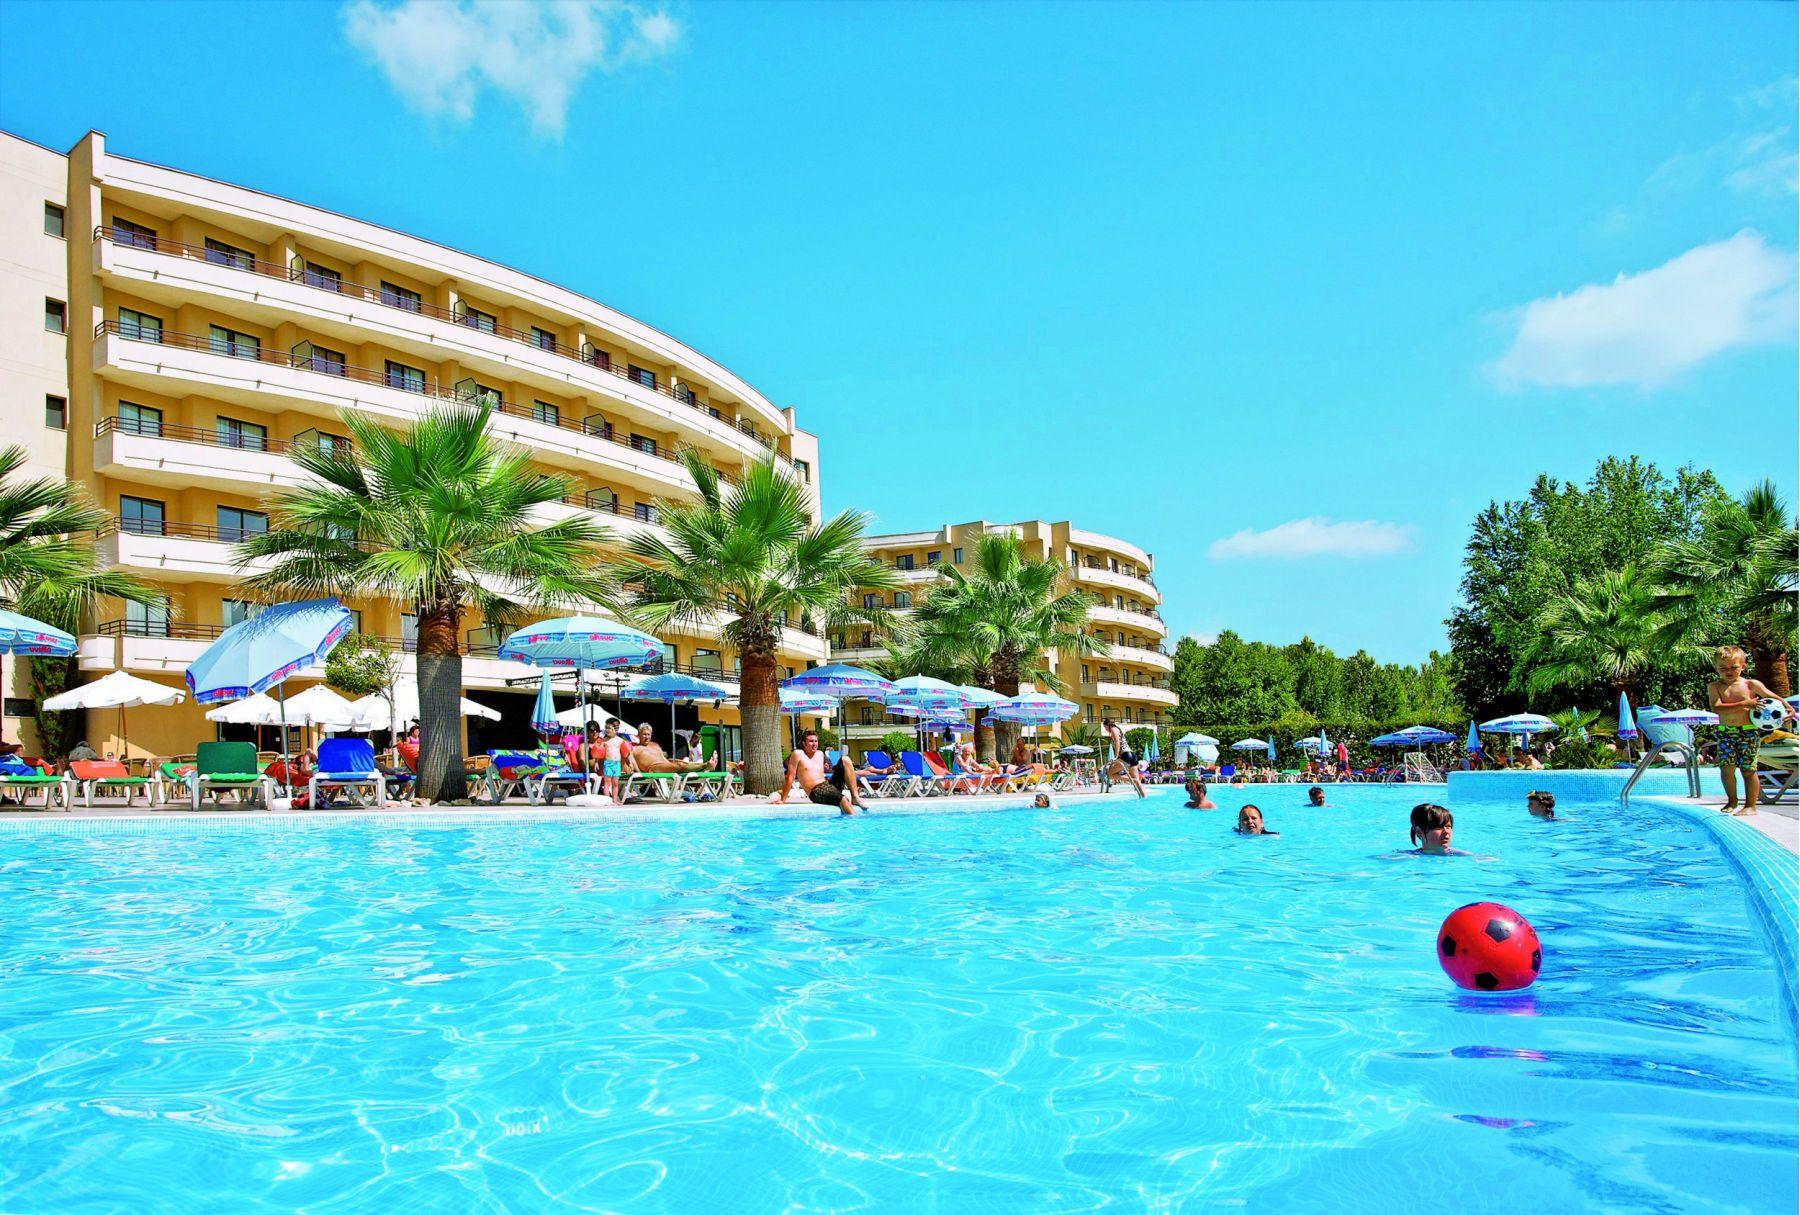 Allsun Hotel Orient Beach Sa Coma Mallorca